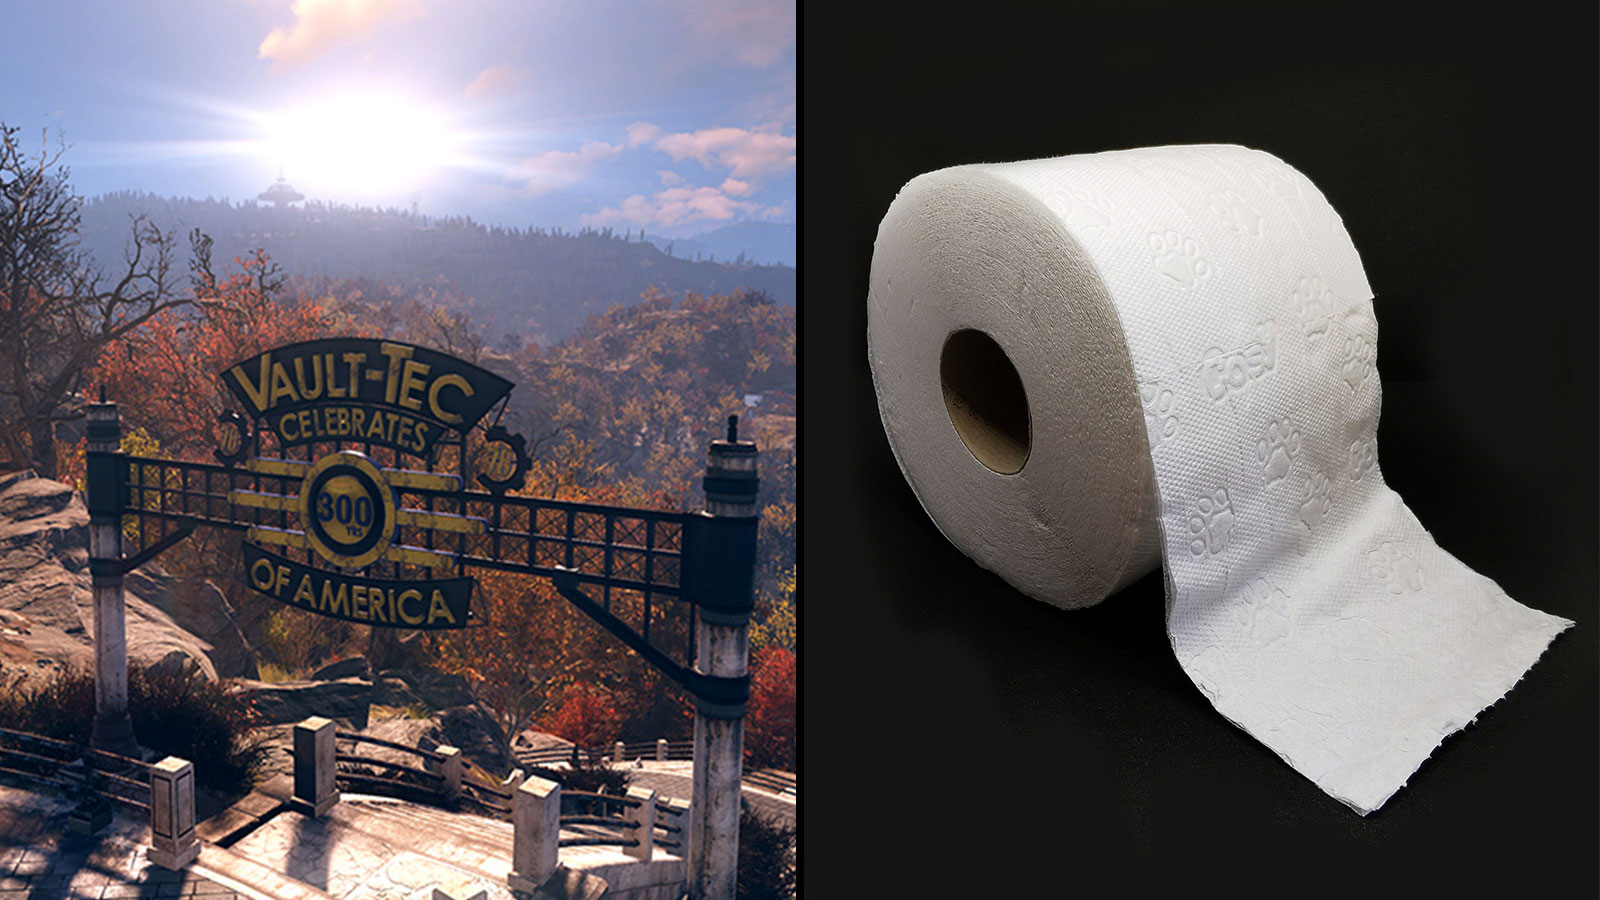 Le papier toilette est devenu un objet assez prisé sur Fallout 76